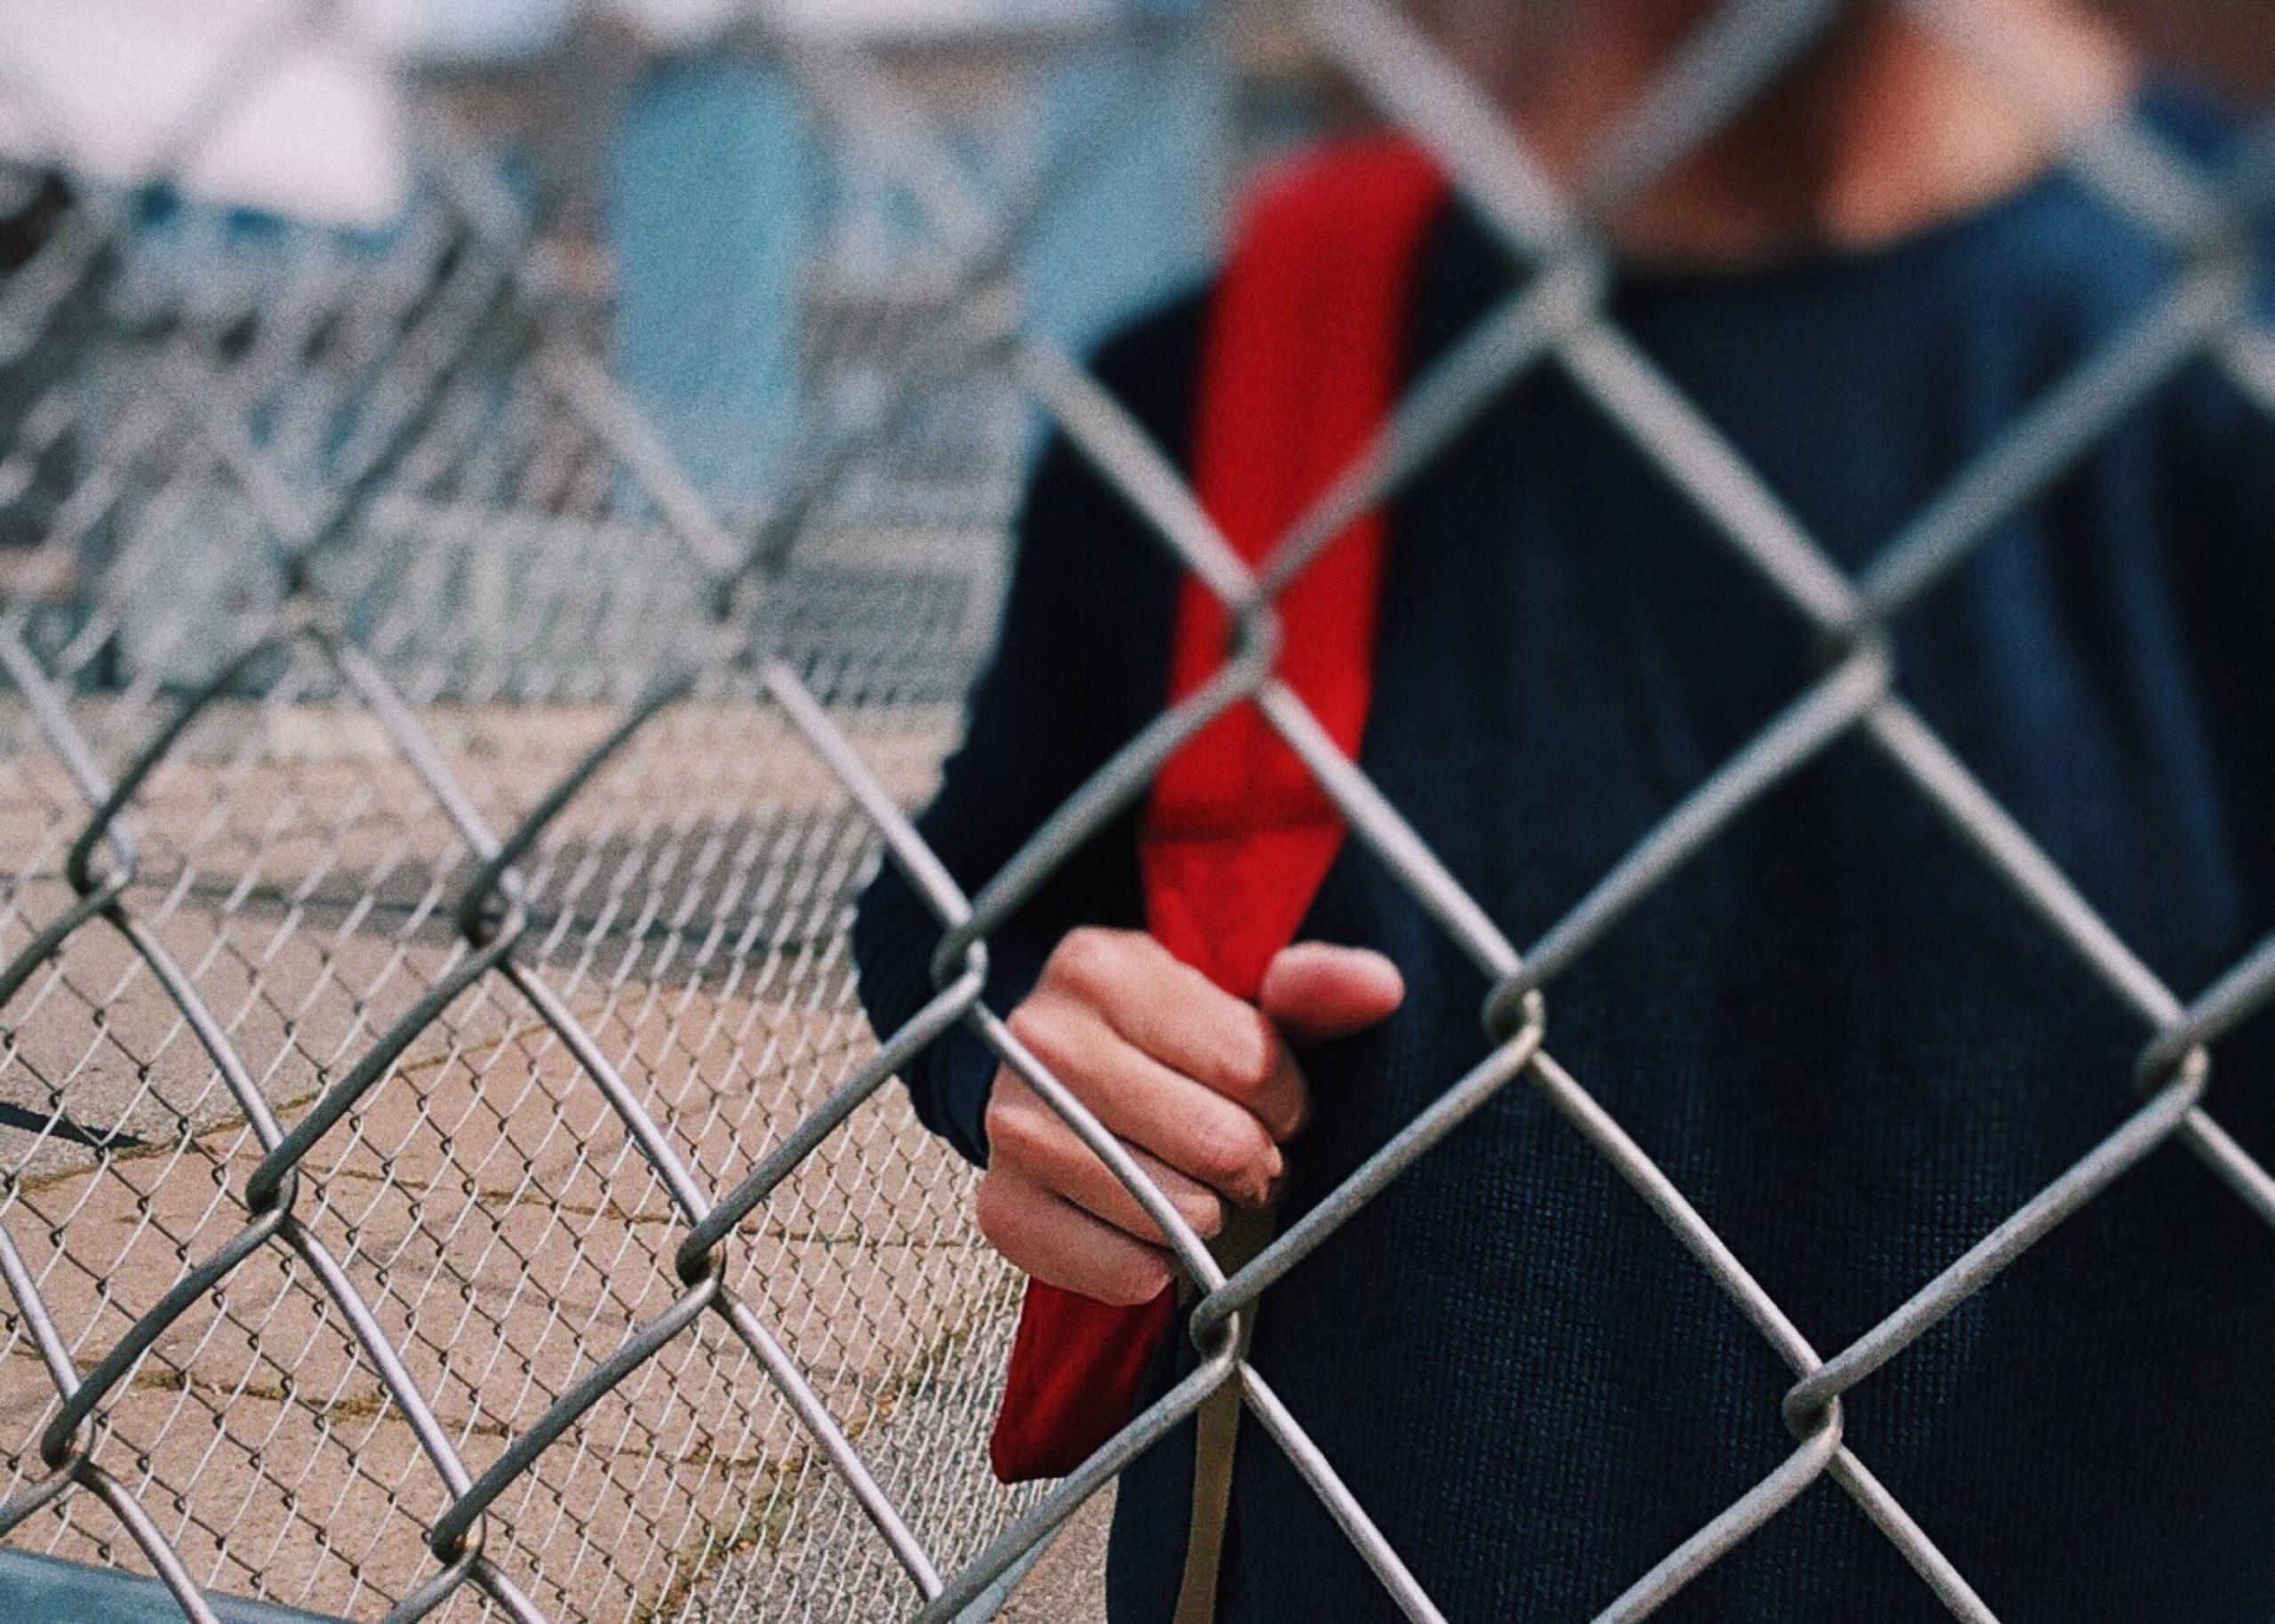 Сниффинг — смертельно опасная зависимость у детей.